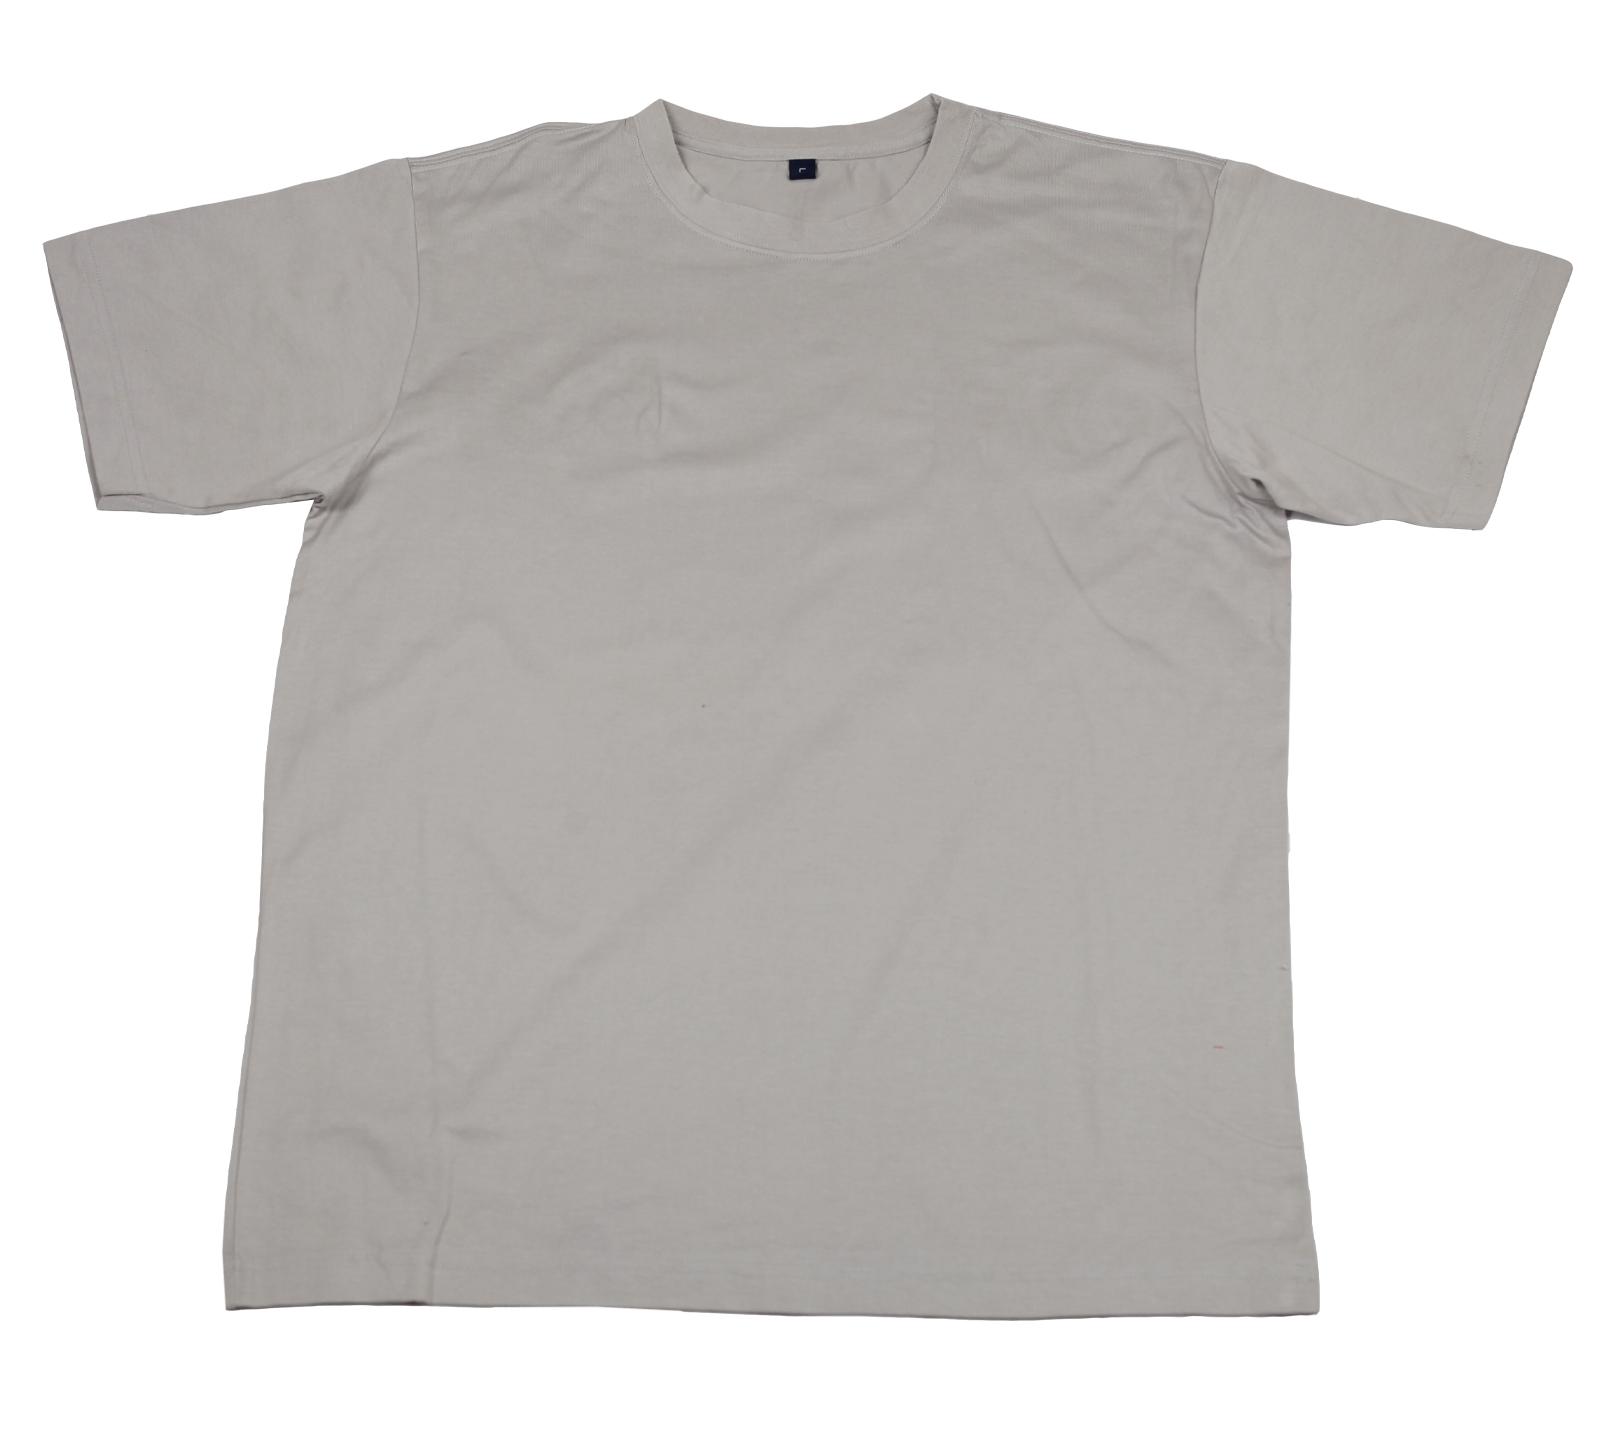 Белая футболка из натурального хлопка. Классическая модель